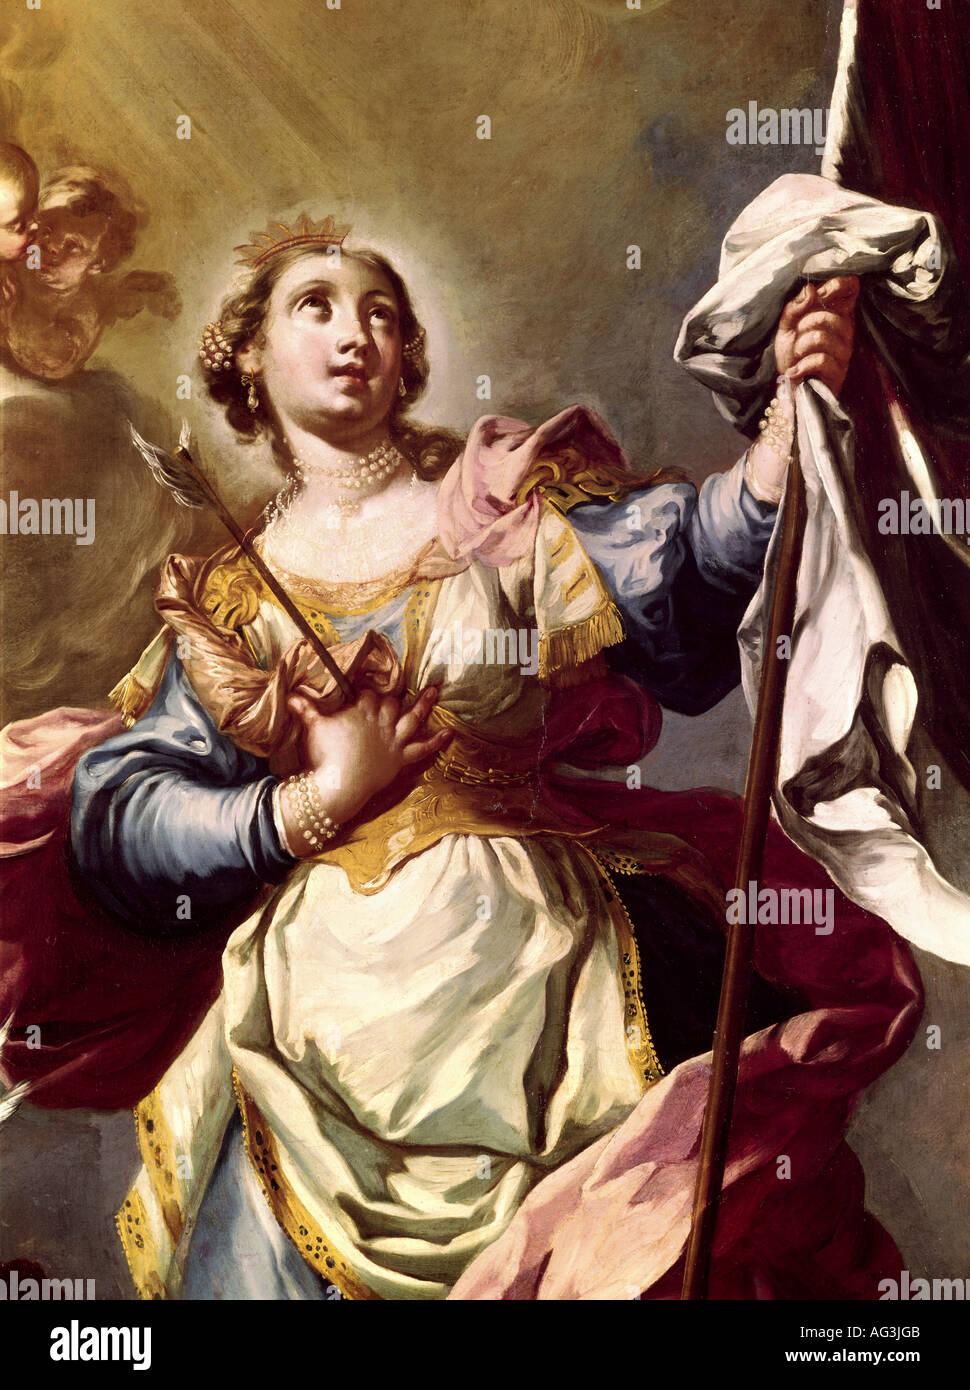 Beaux-arts, Grasmayr, Johann Georg, (1691 - 1751), peinture, 'Saint Ursula', détail, musée diocésain, Brixen, Italie, l'artiste n'a pas d'auteur pour être effacé Photo Stock